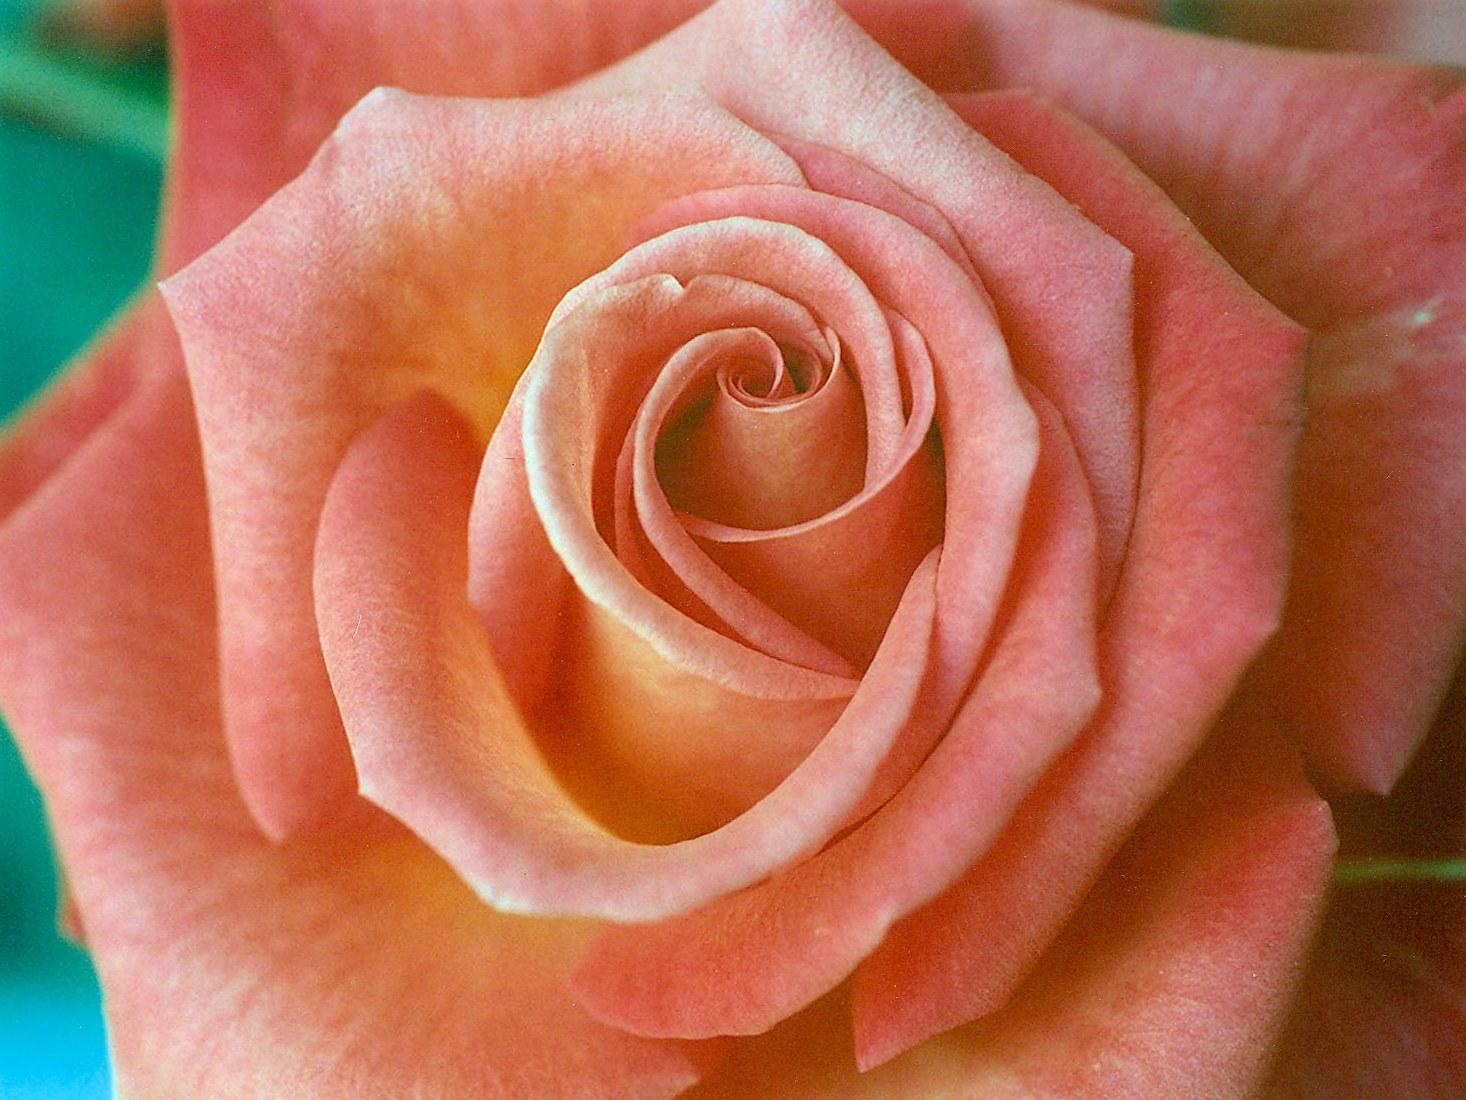 Comment Faire La Couleur Saumon saumon (couleur) — wikipédia